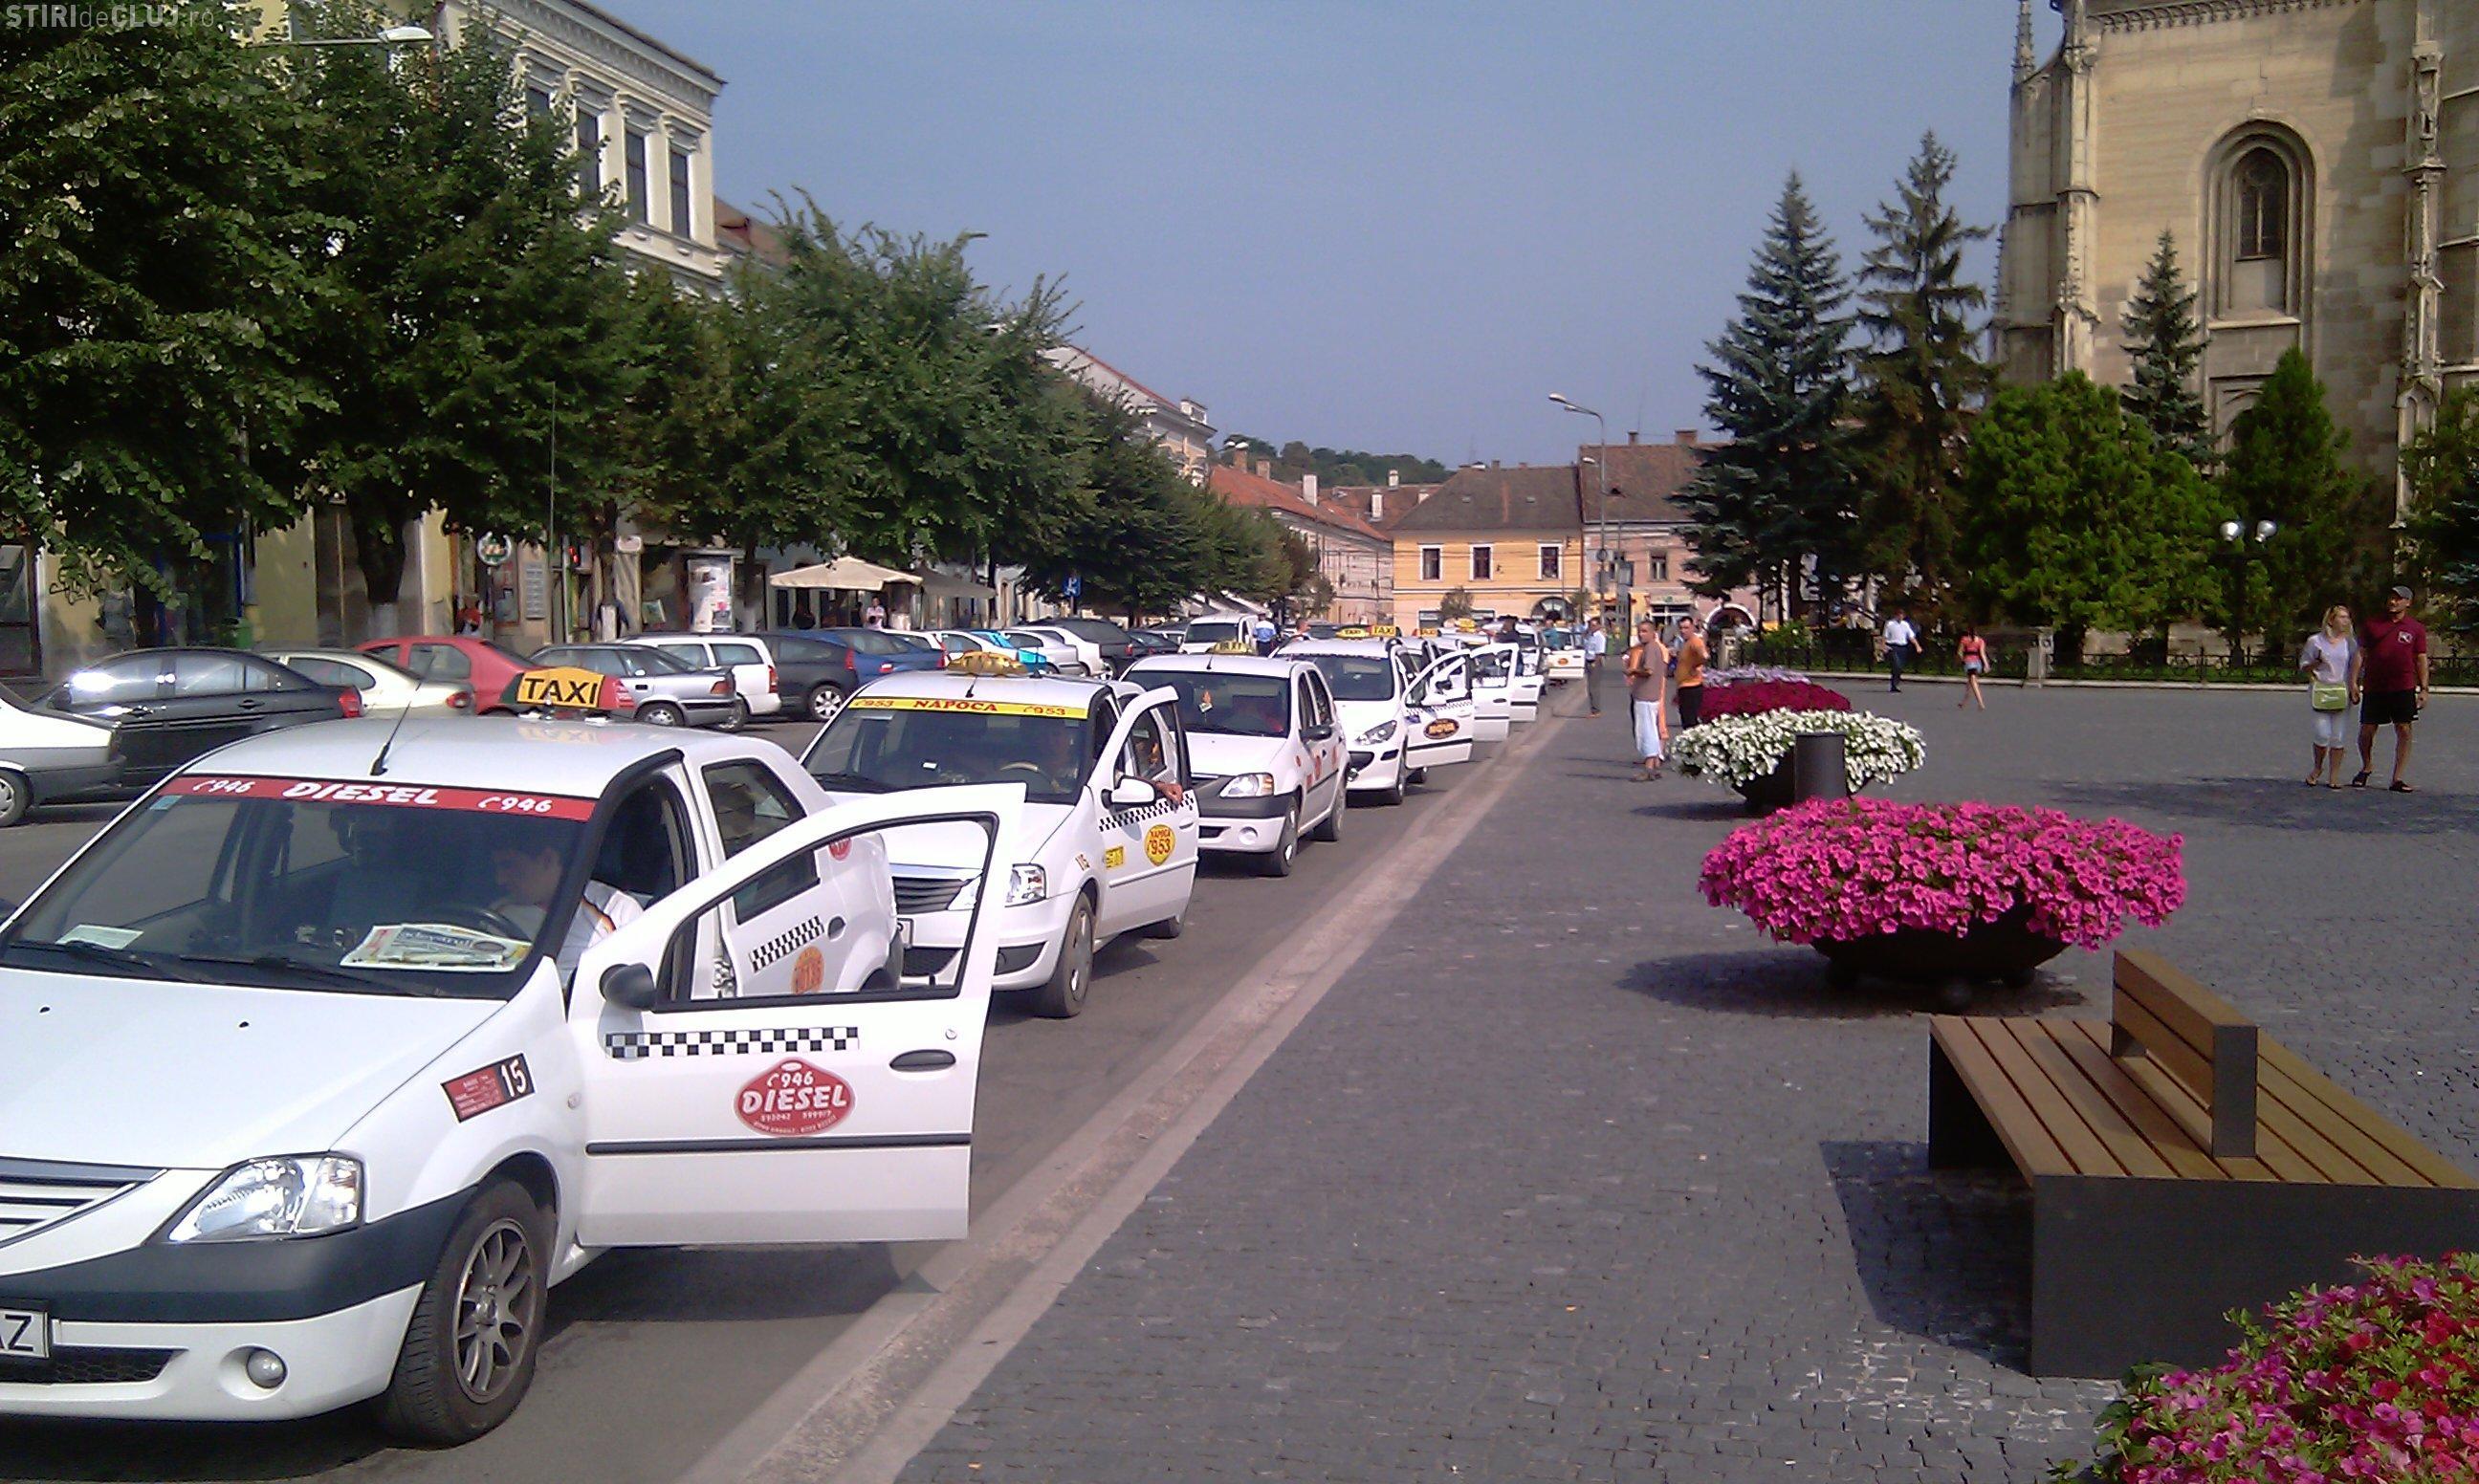 Taximetriștii din Cluj vor sa majoreze tarifele cu 50%: Vom bloca toate trecerile de pietoni din oraș